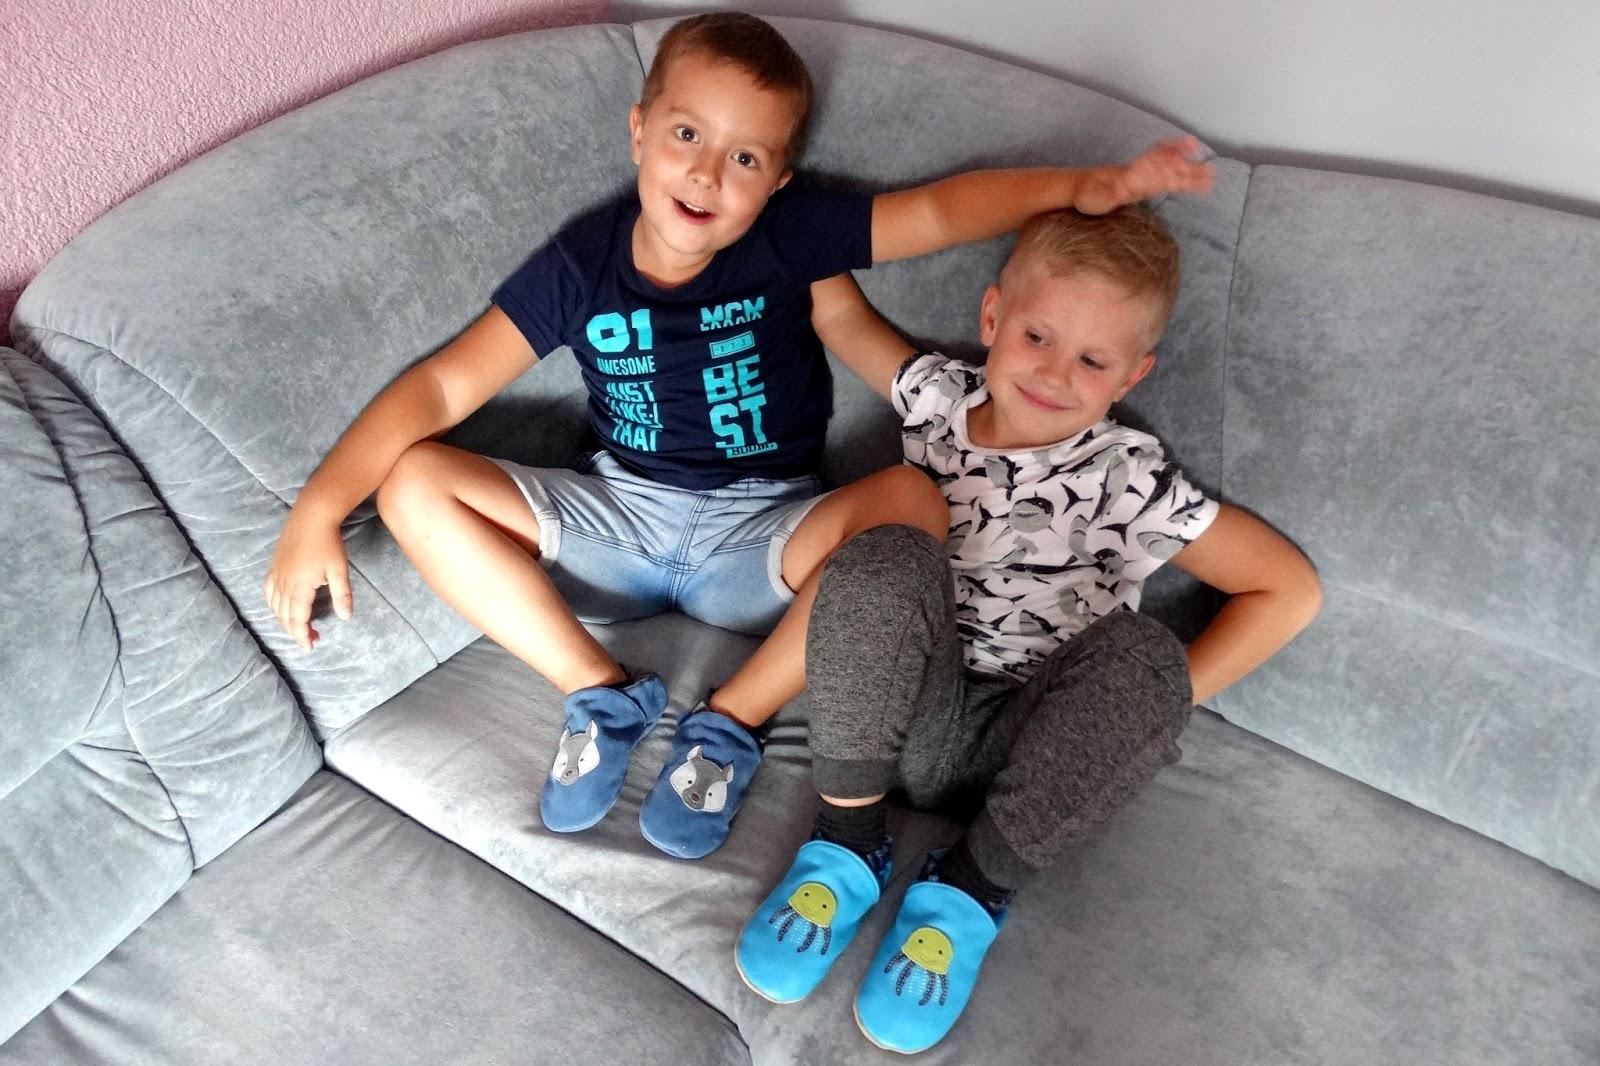 Babice - buciki, które dbają o maleńkie stópki dziecka!